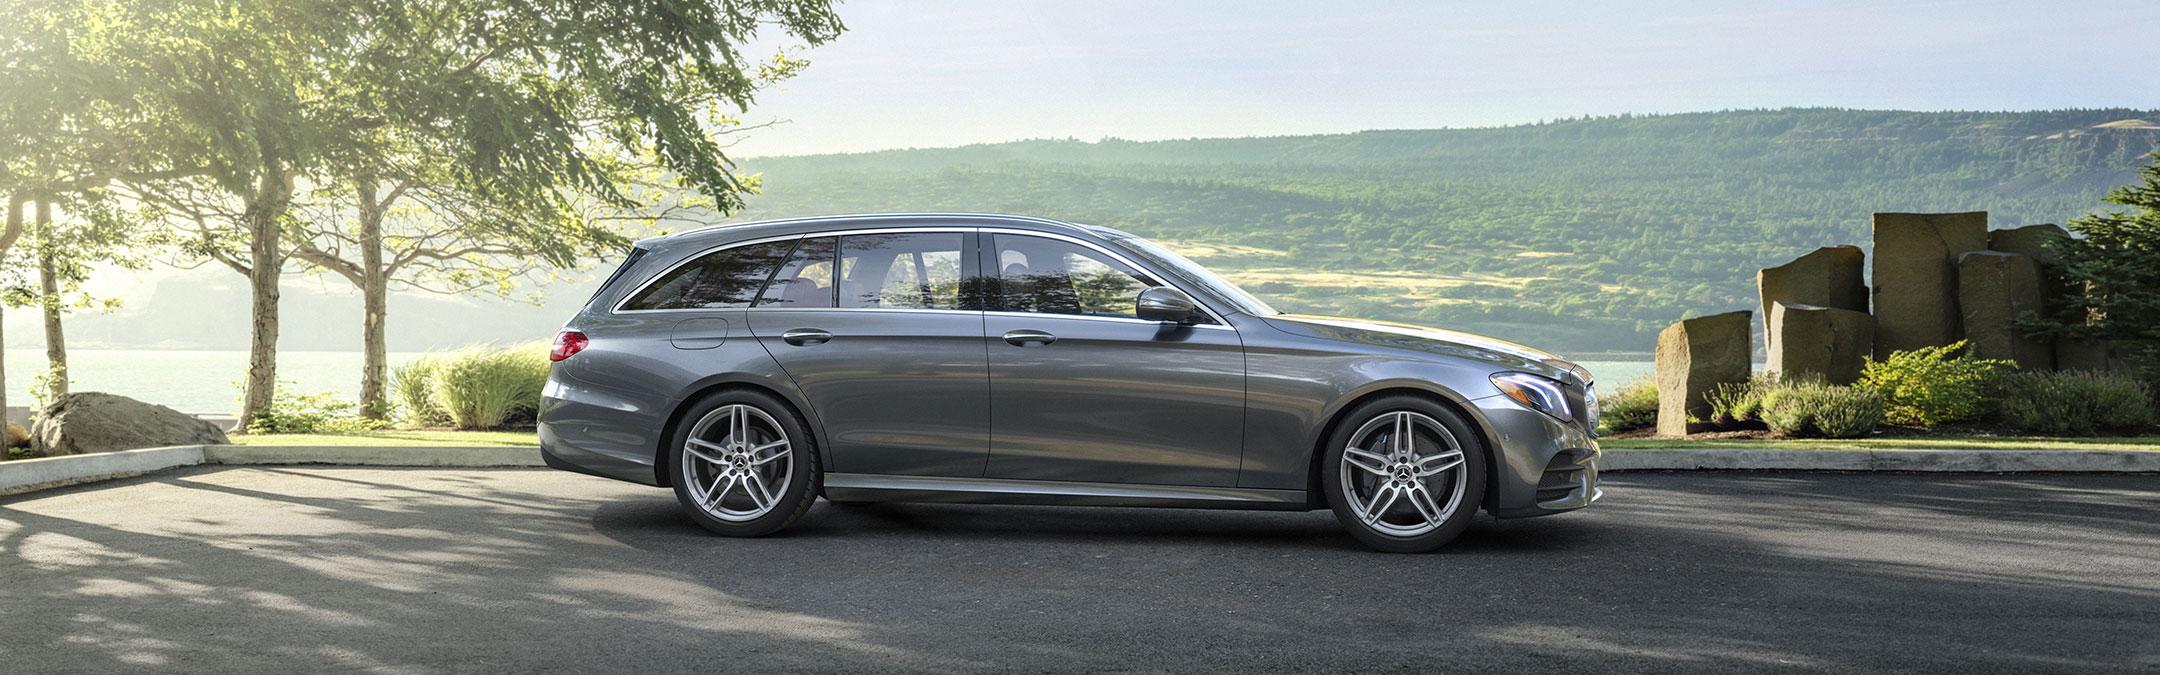 2018 e class wagon mercedes benz for Mercedes benz e350 wagon